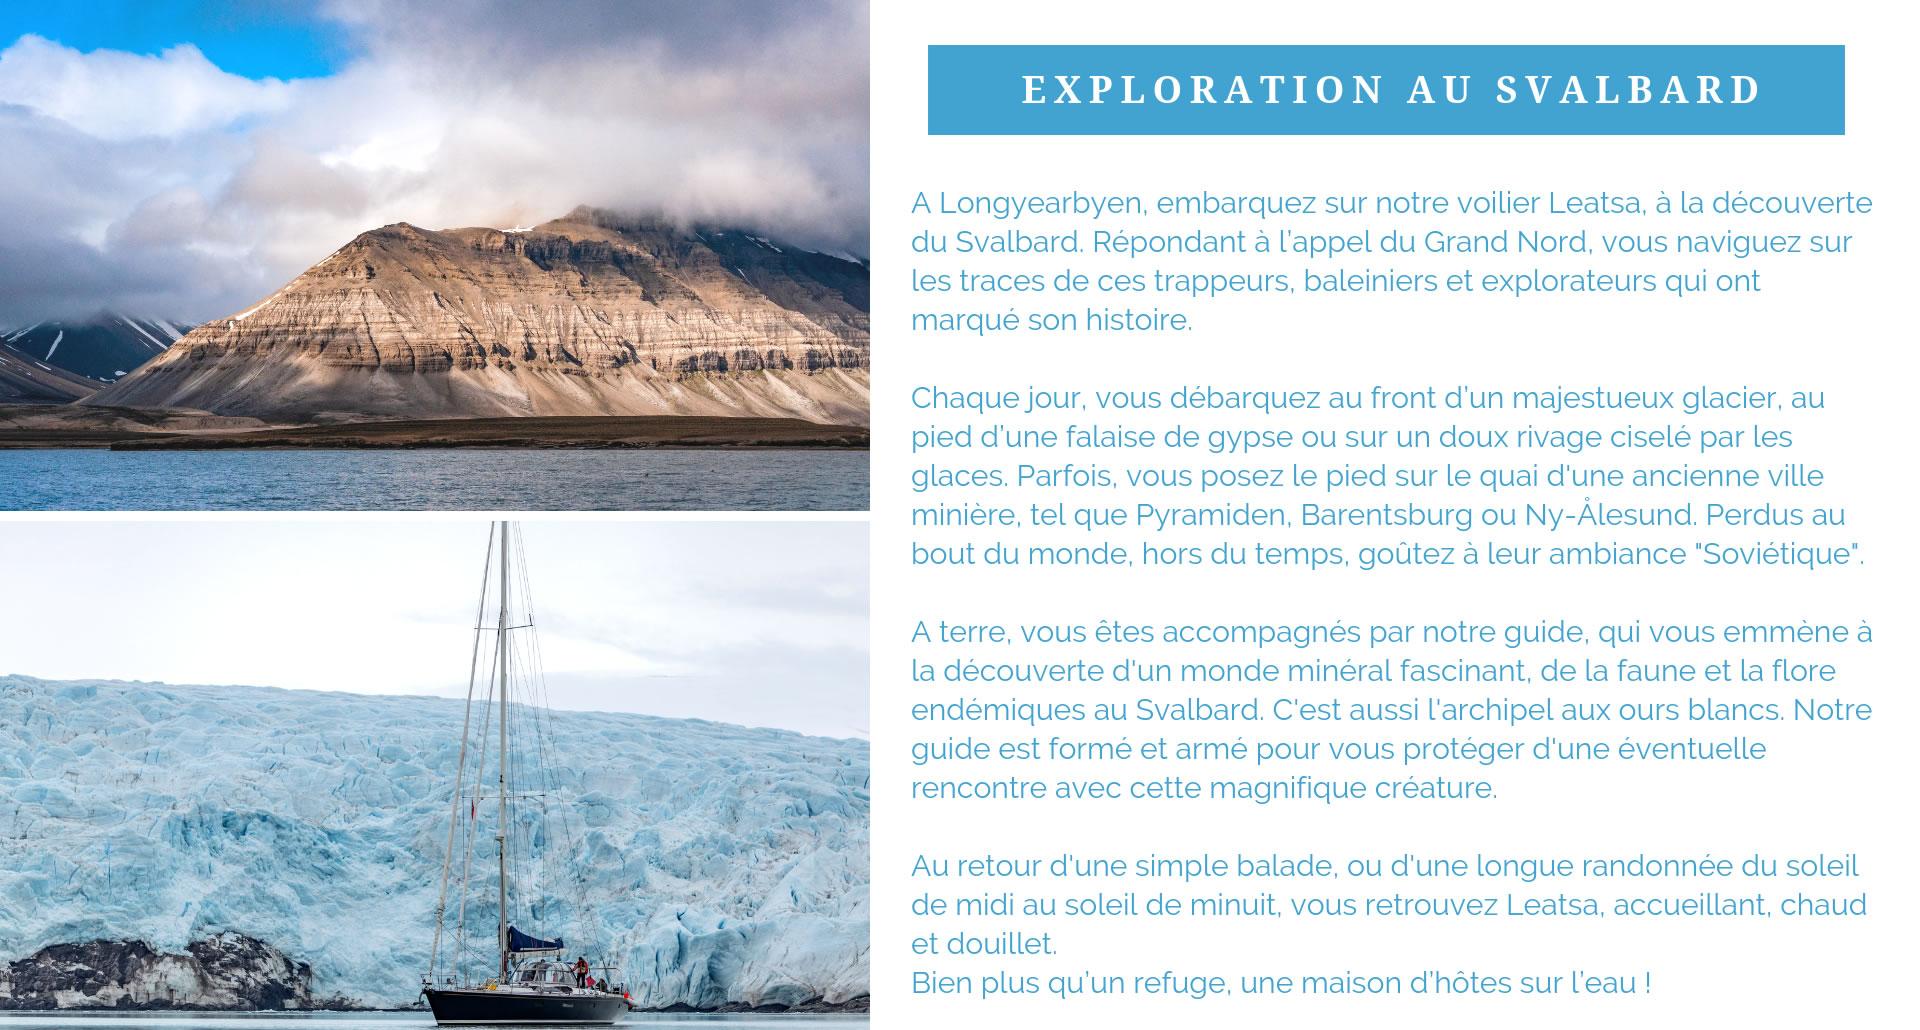 Exploration du Svalbard